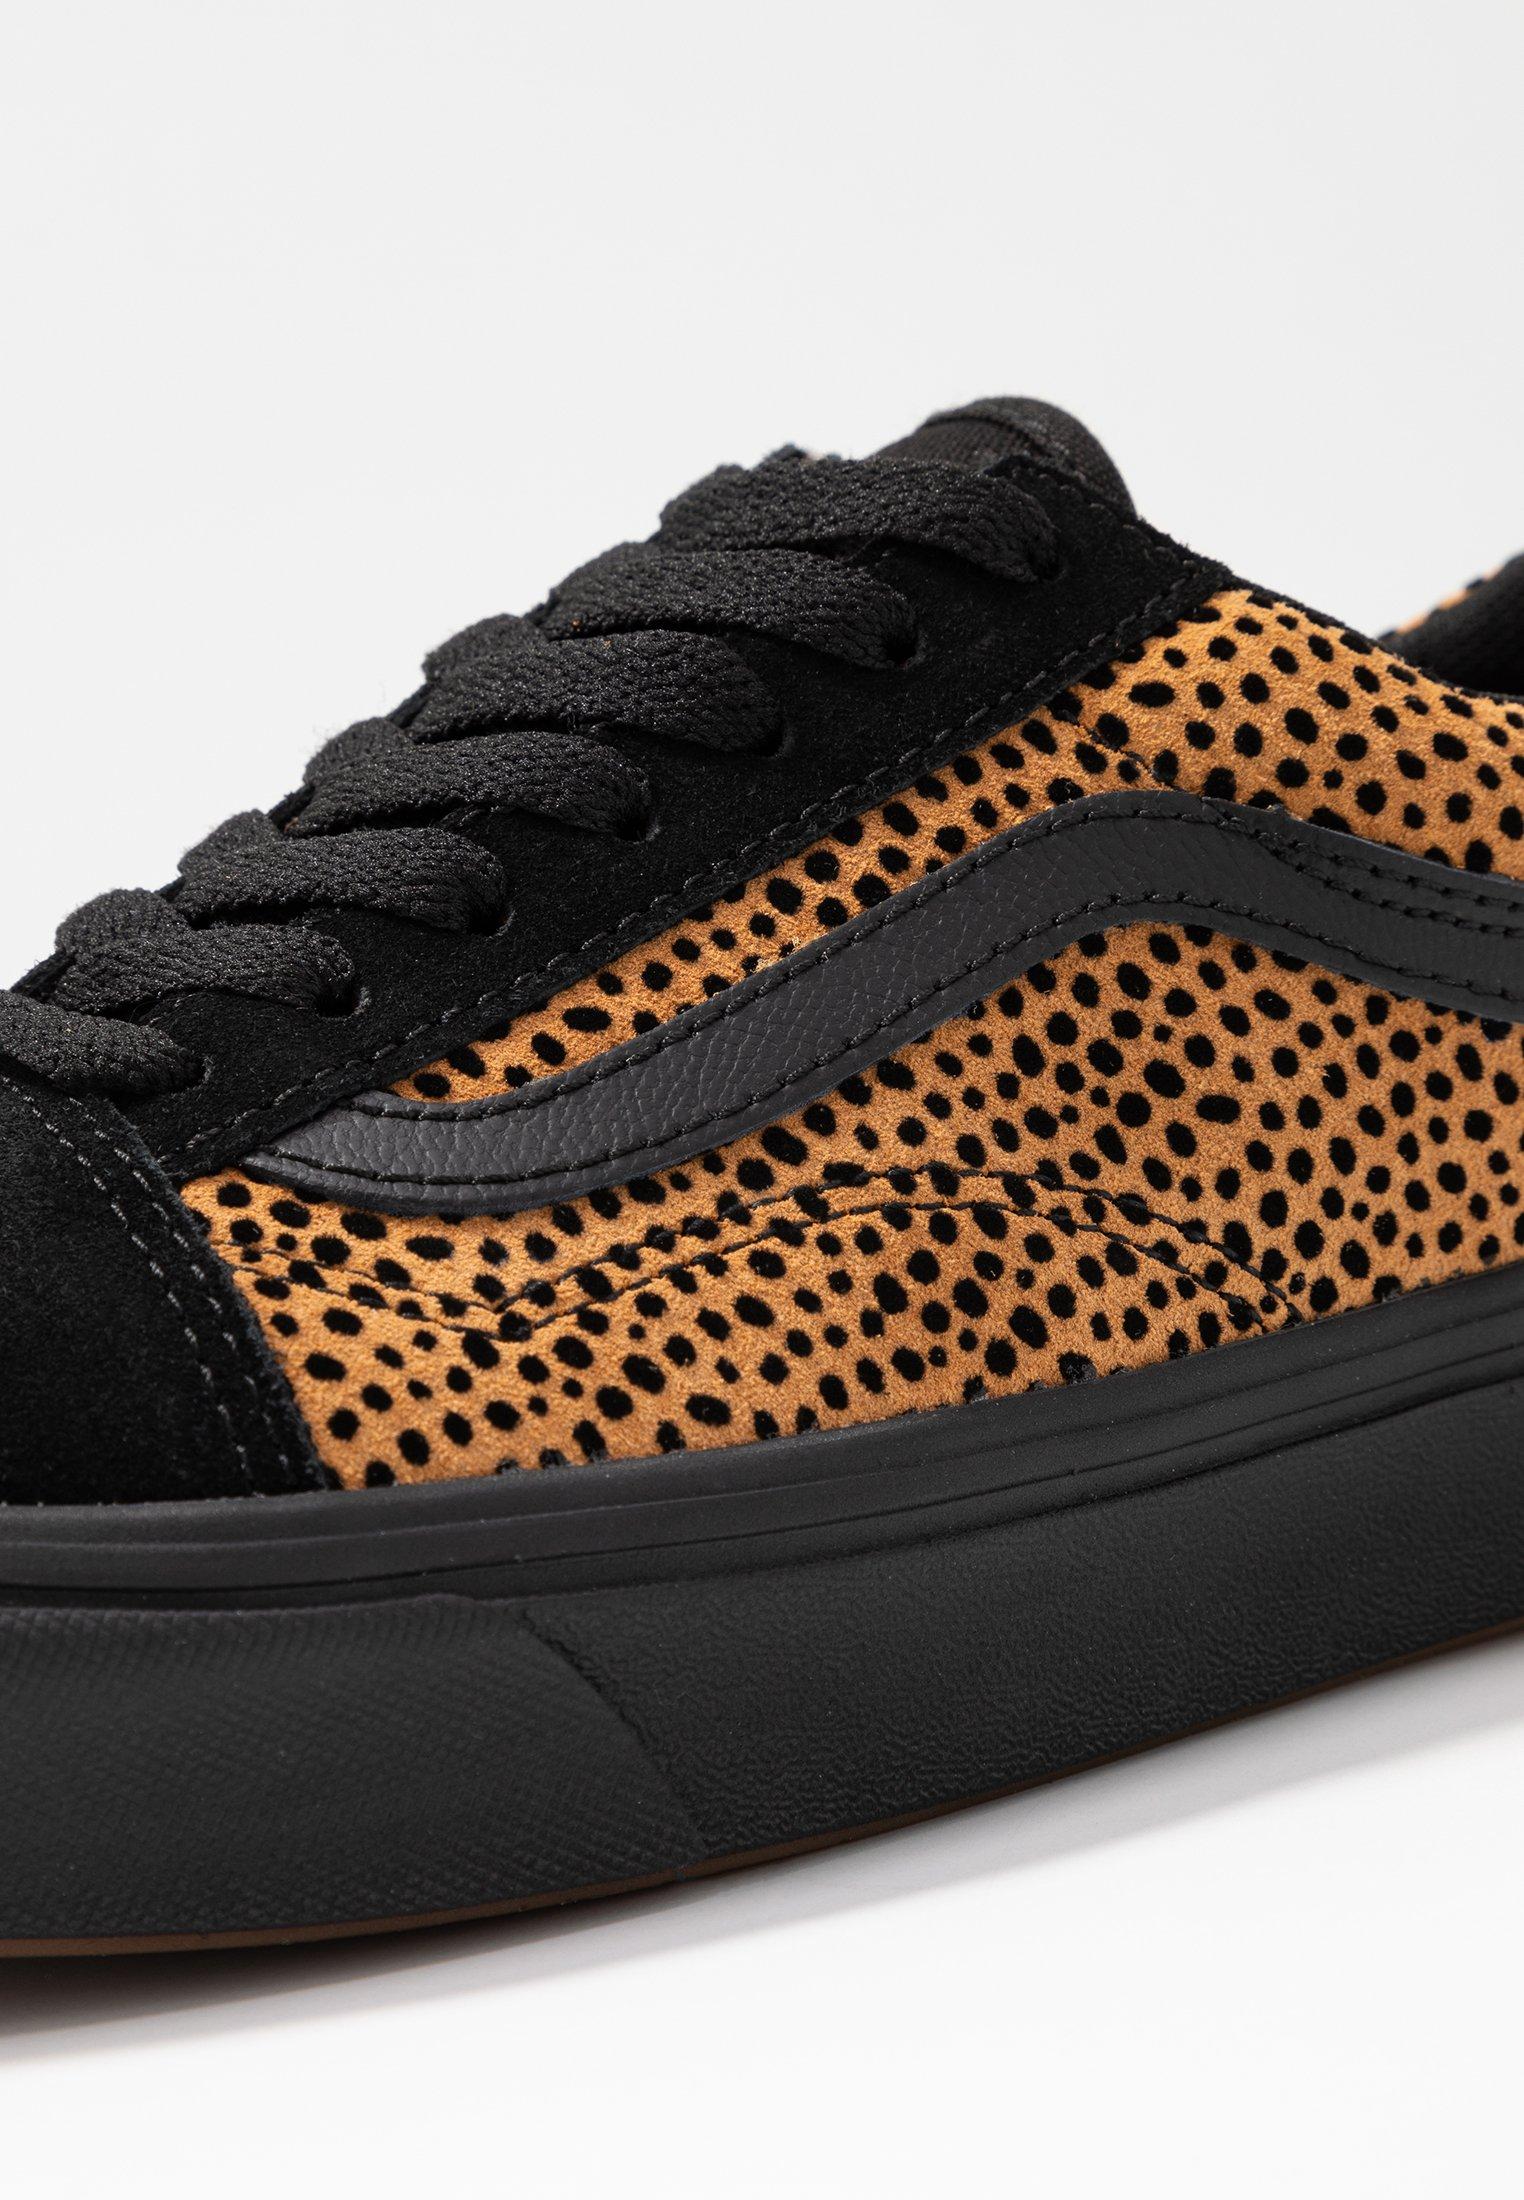 Vans Comfycush Old Basses SkoolBaskets Black JTFclK13